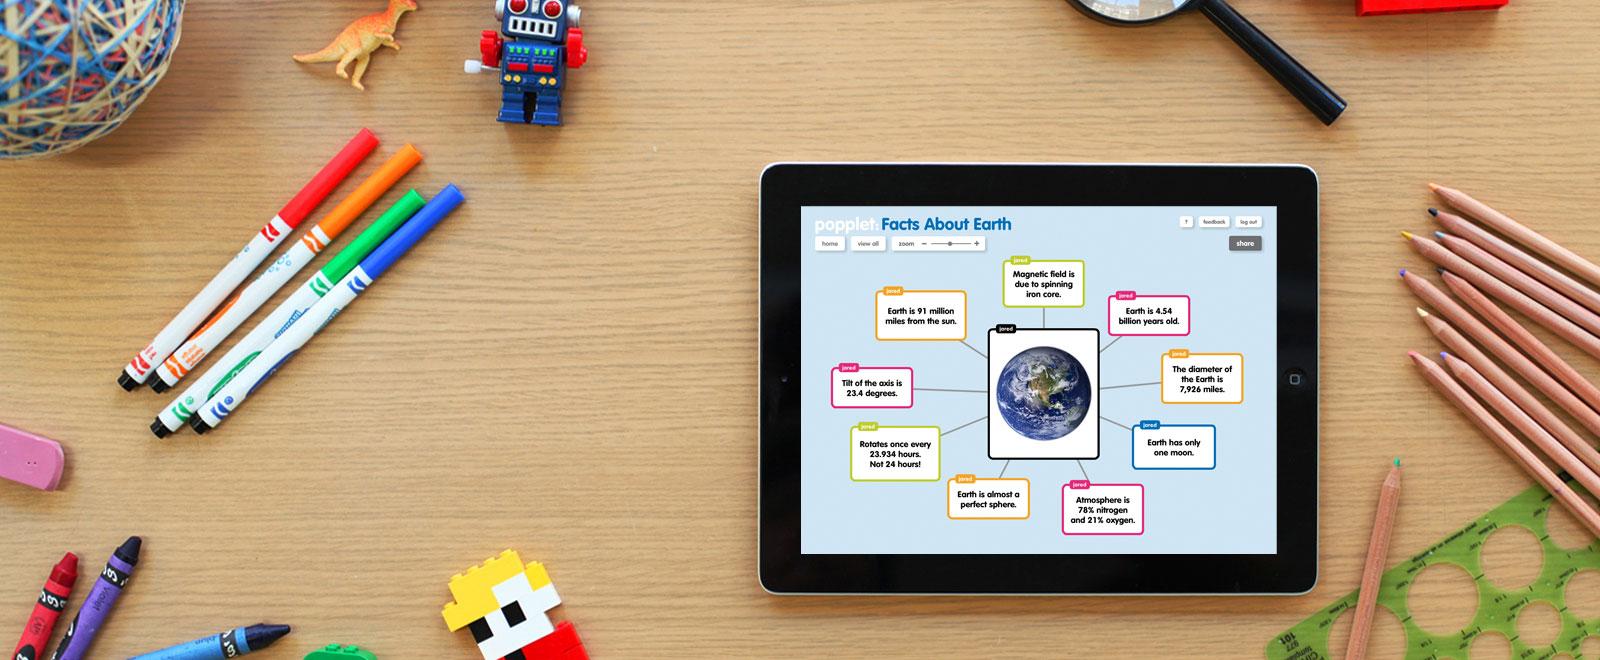 popplet-app-per-creare-mappe-concettuali